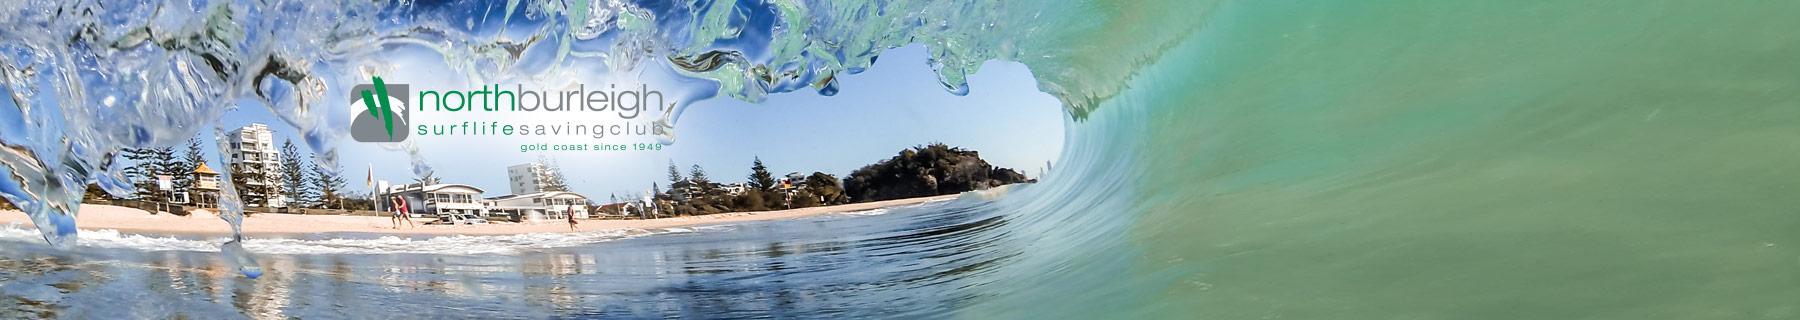 North Burleigh Surf Life Saving Club